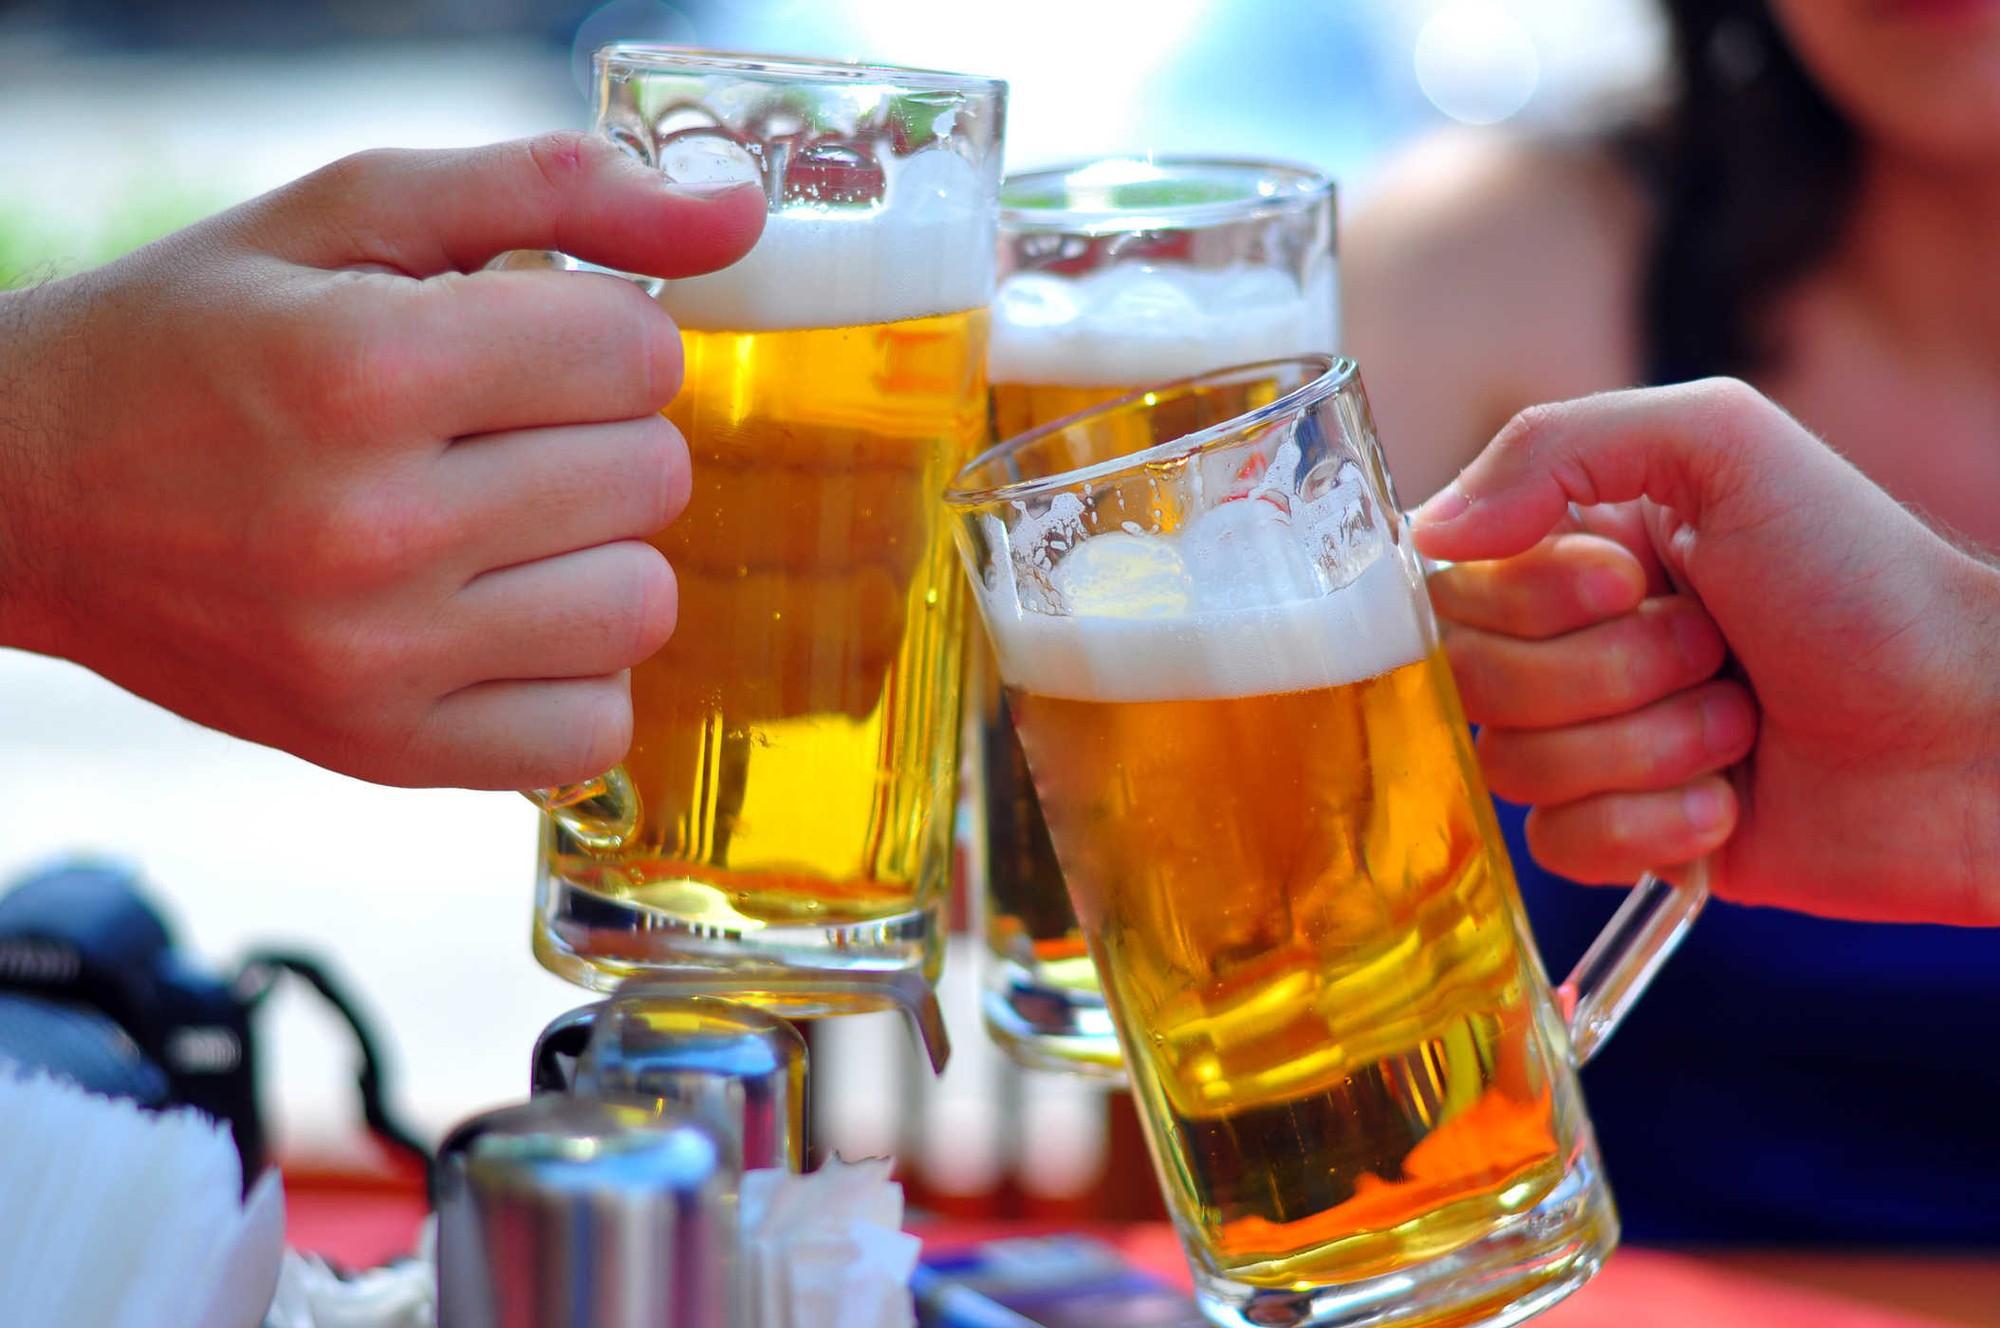 Nằm mơ thấy uống bia đánh số gì? Có điềm báo gì?